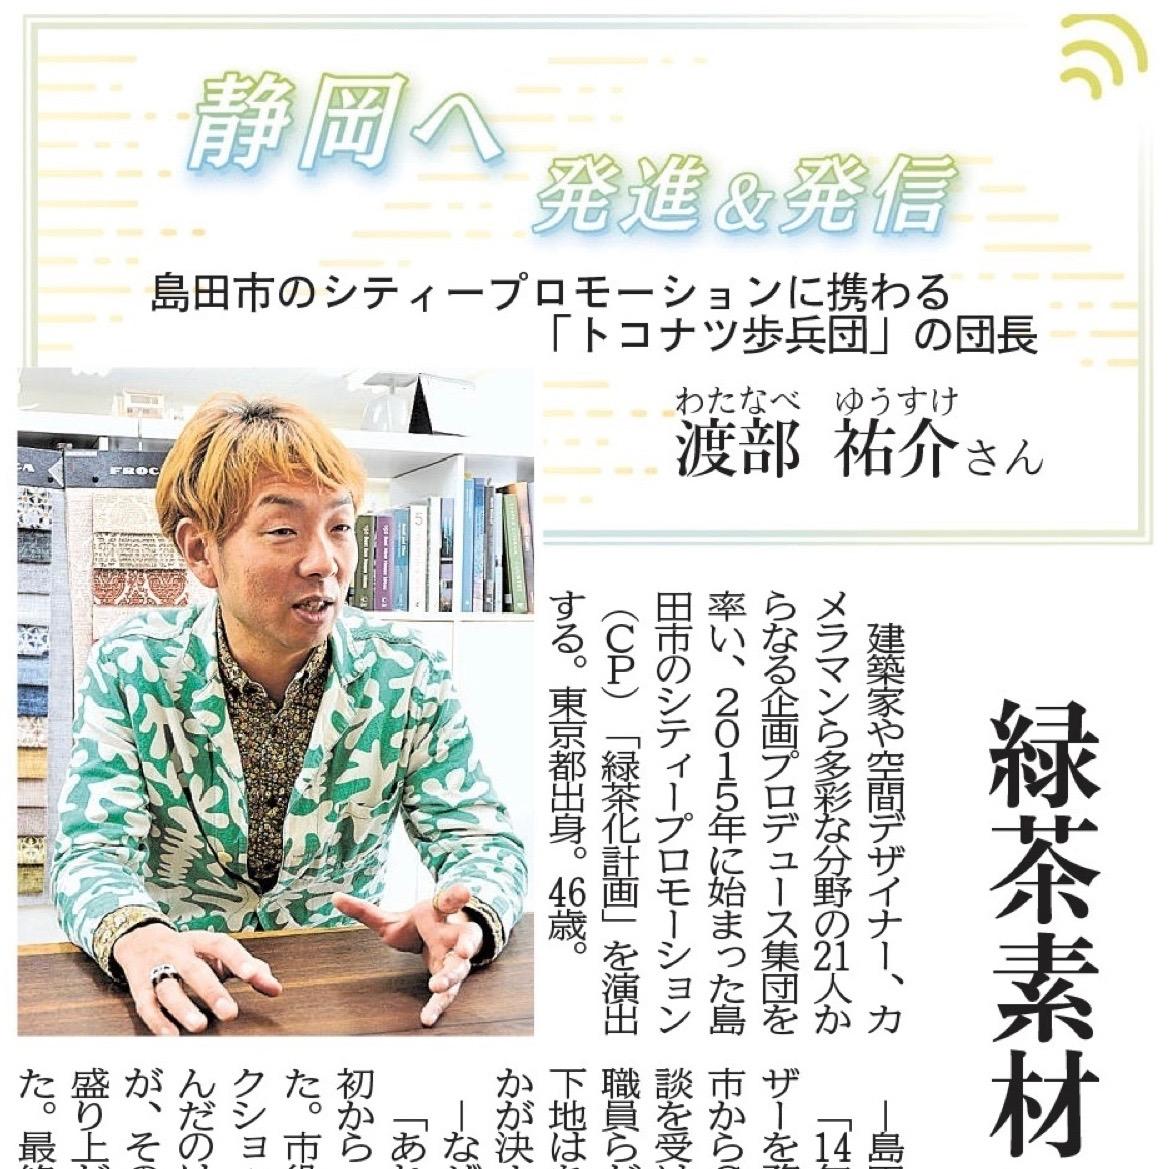 ©︎静岡新聞社